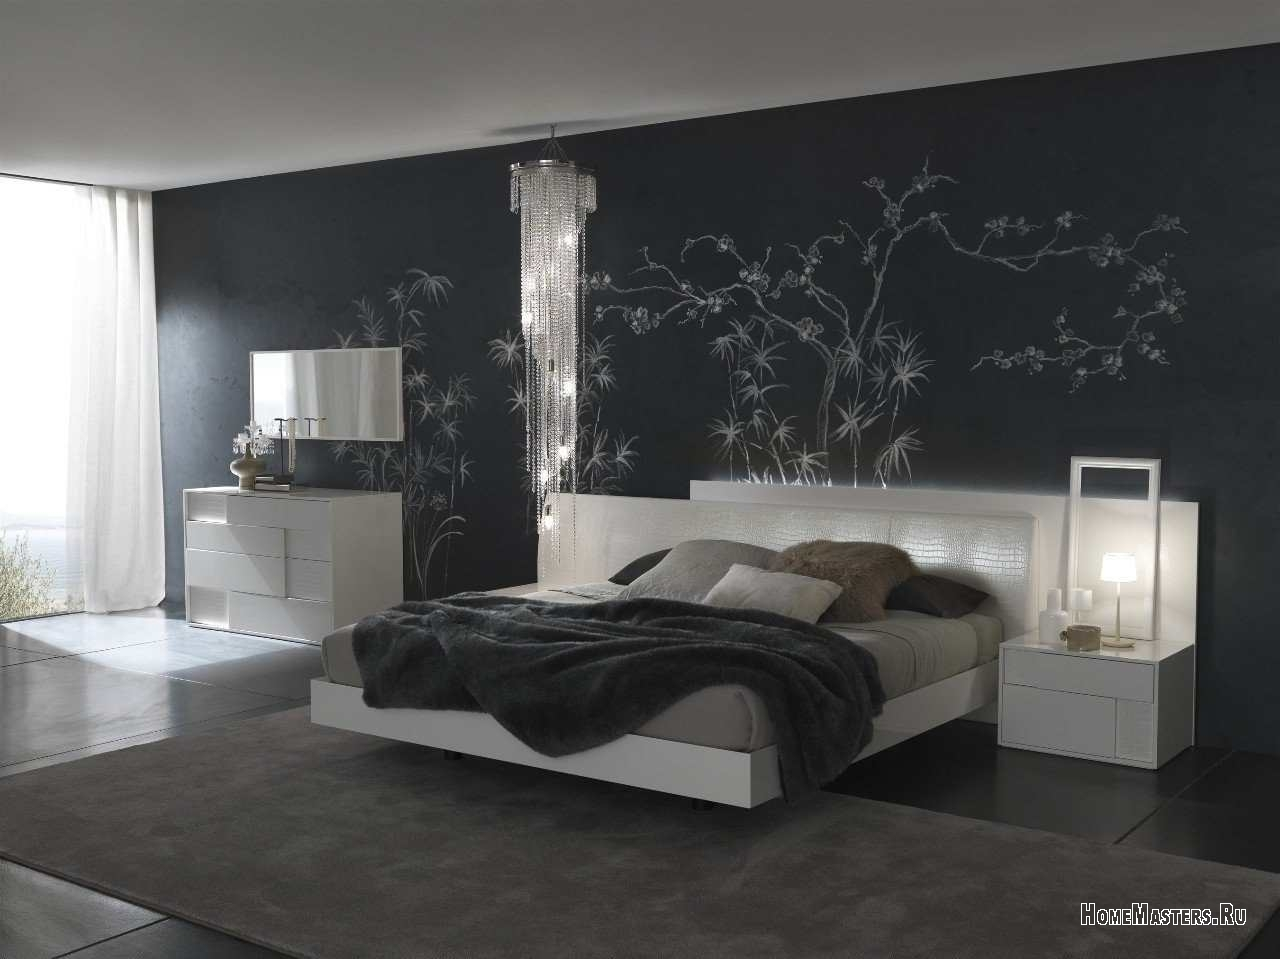 фото черно-белого дизайна квартир #12